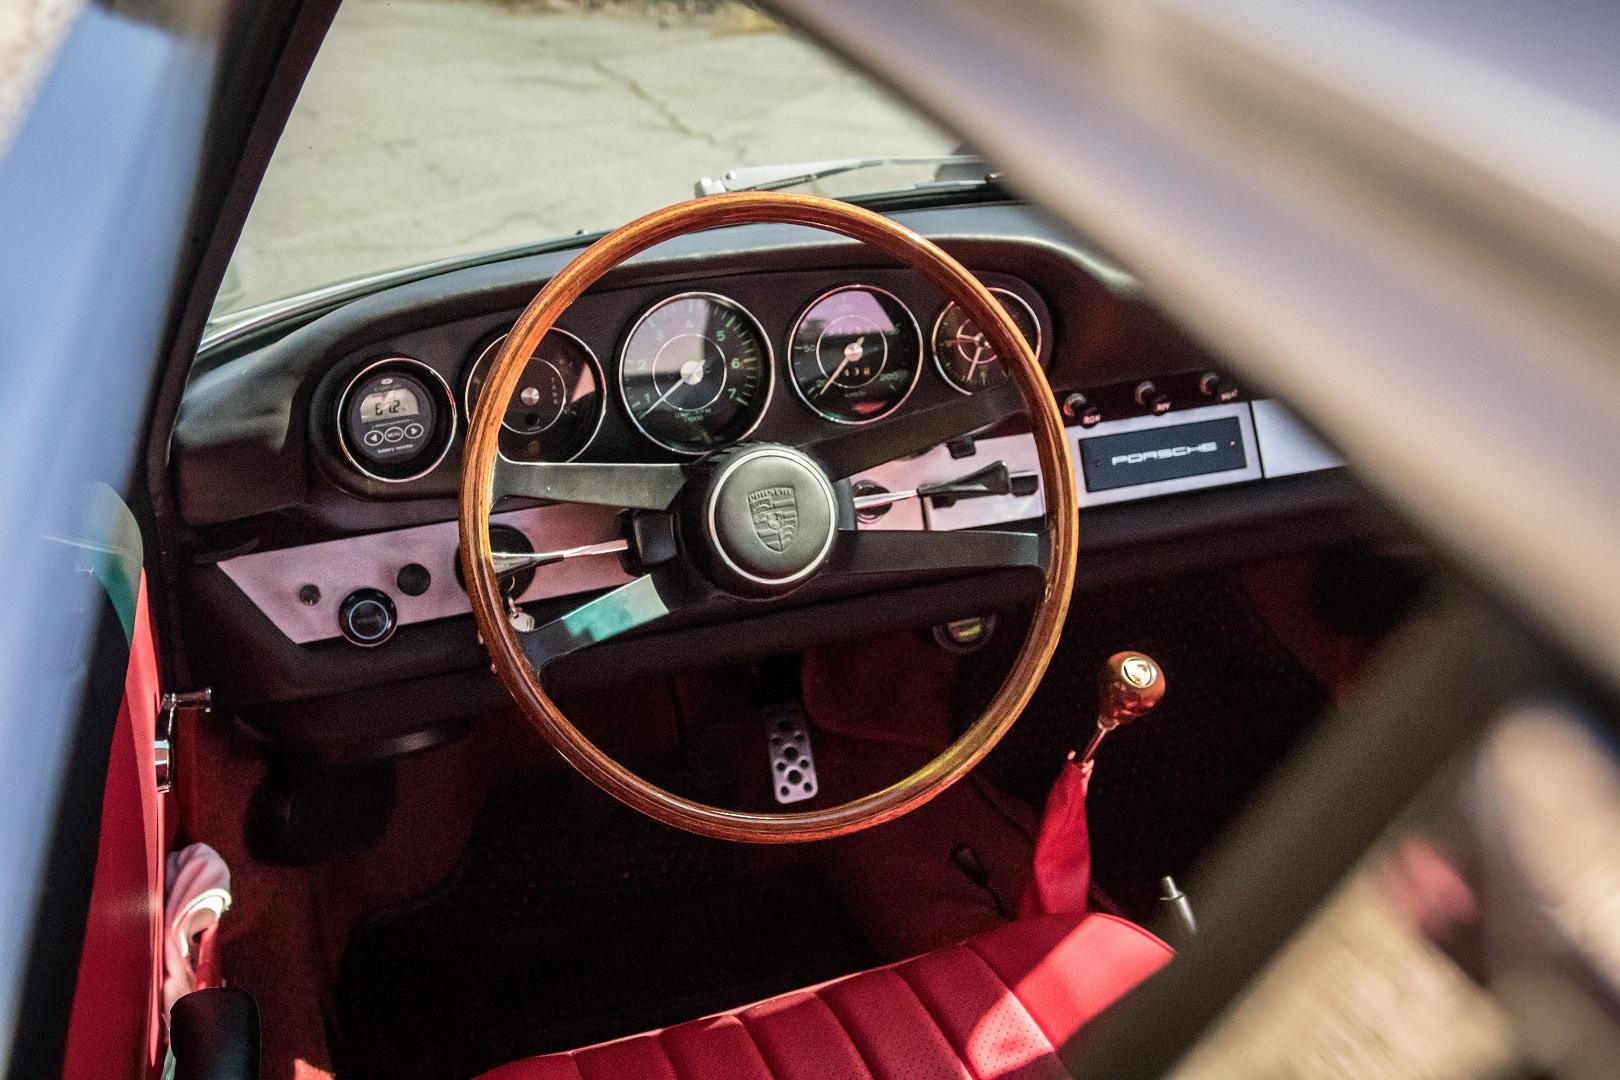 Electric porsche 912 Steering wheel